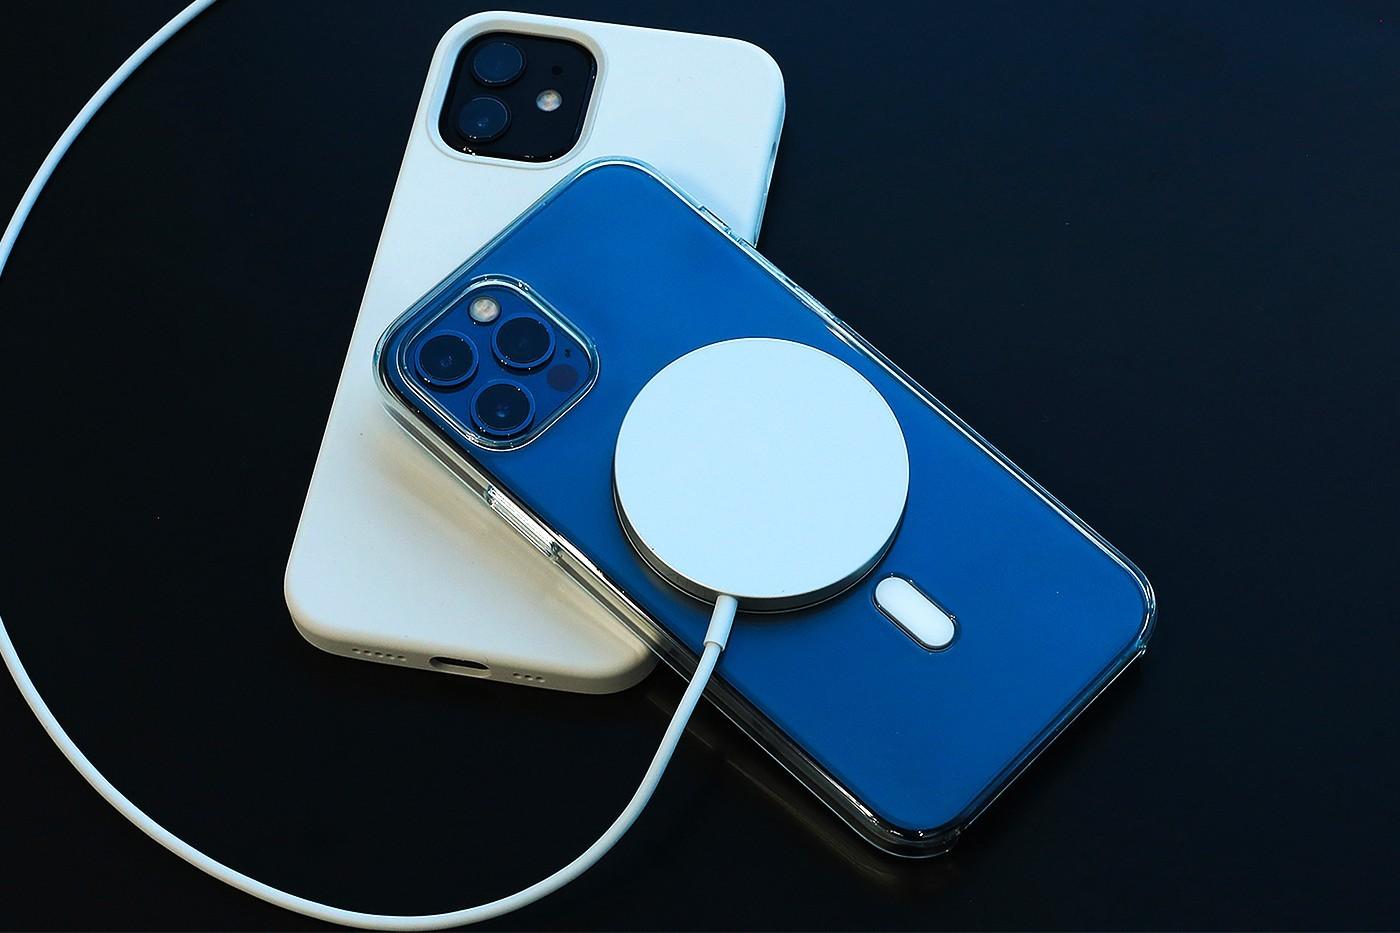 iPhone 12用户报告电池寿命短的问题